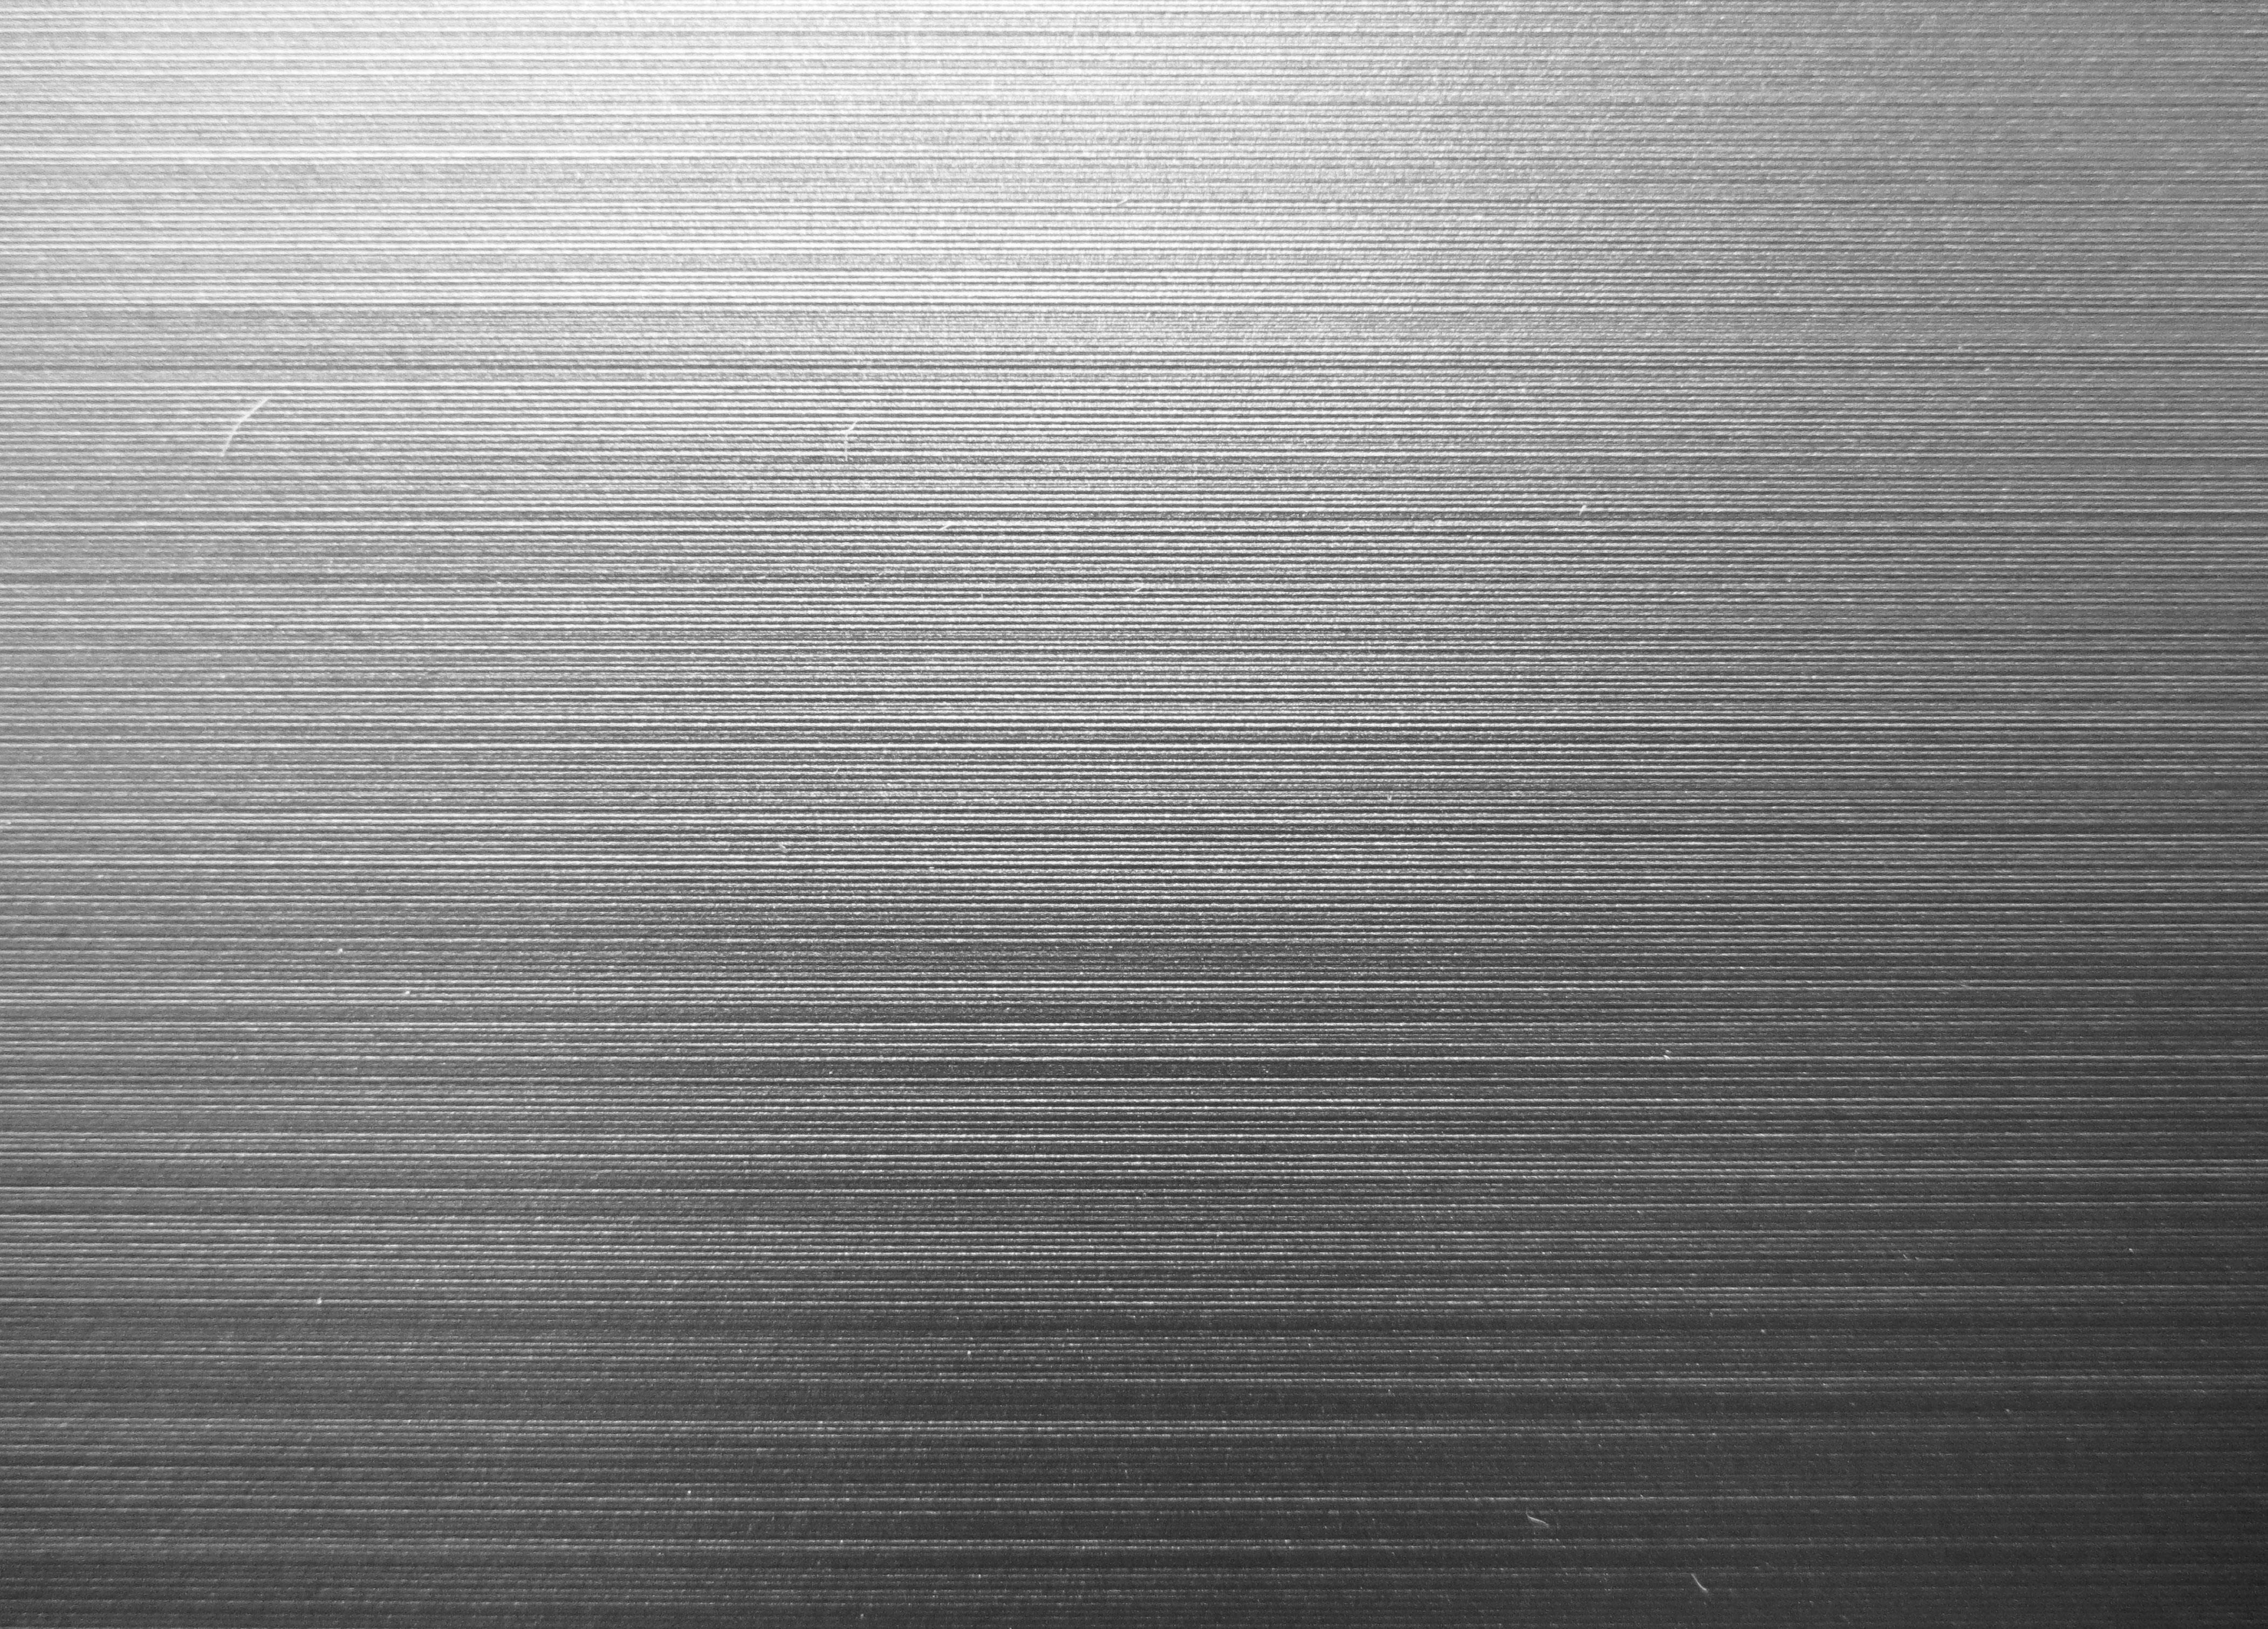 Metallic silver poster board 40 x 60